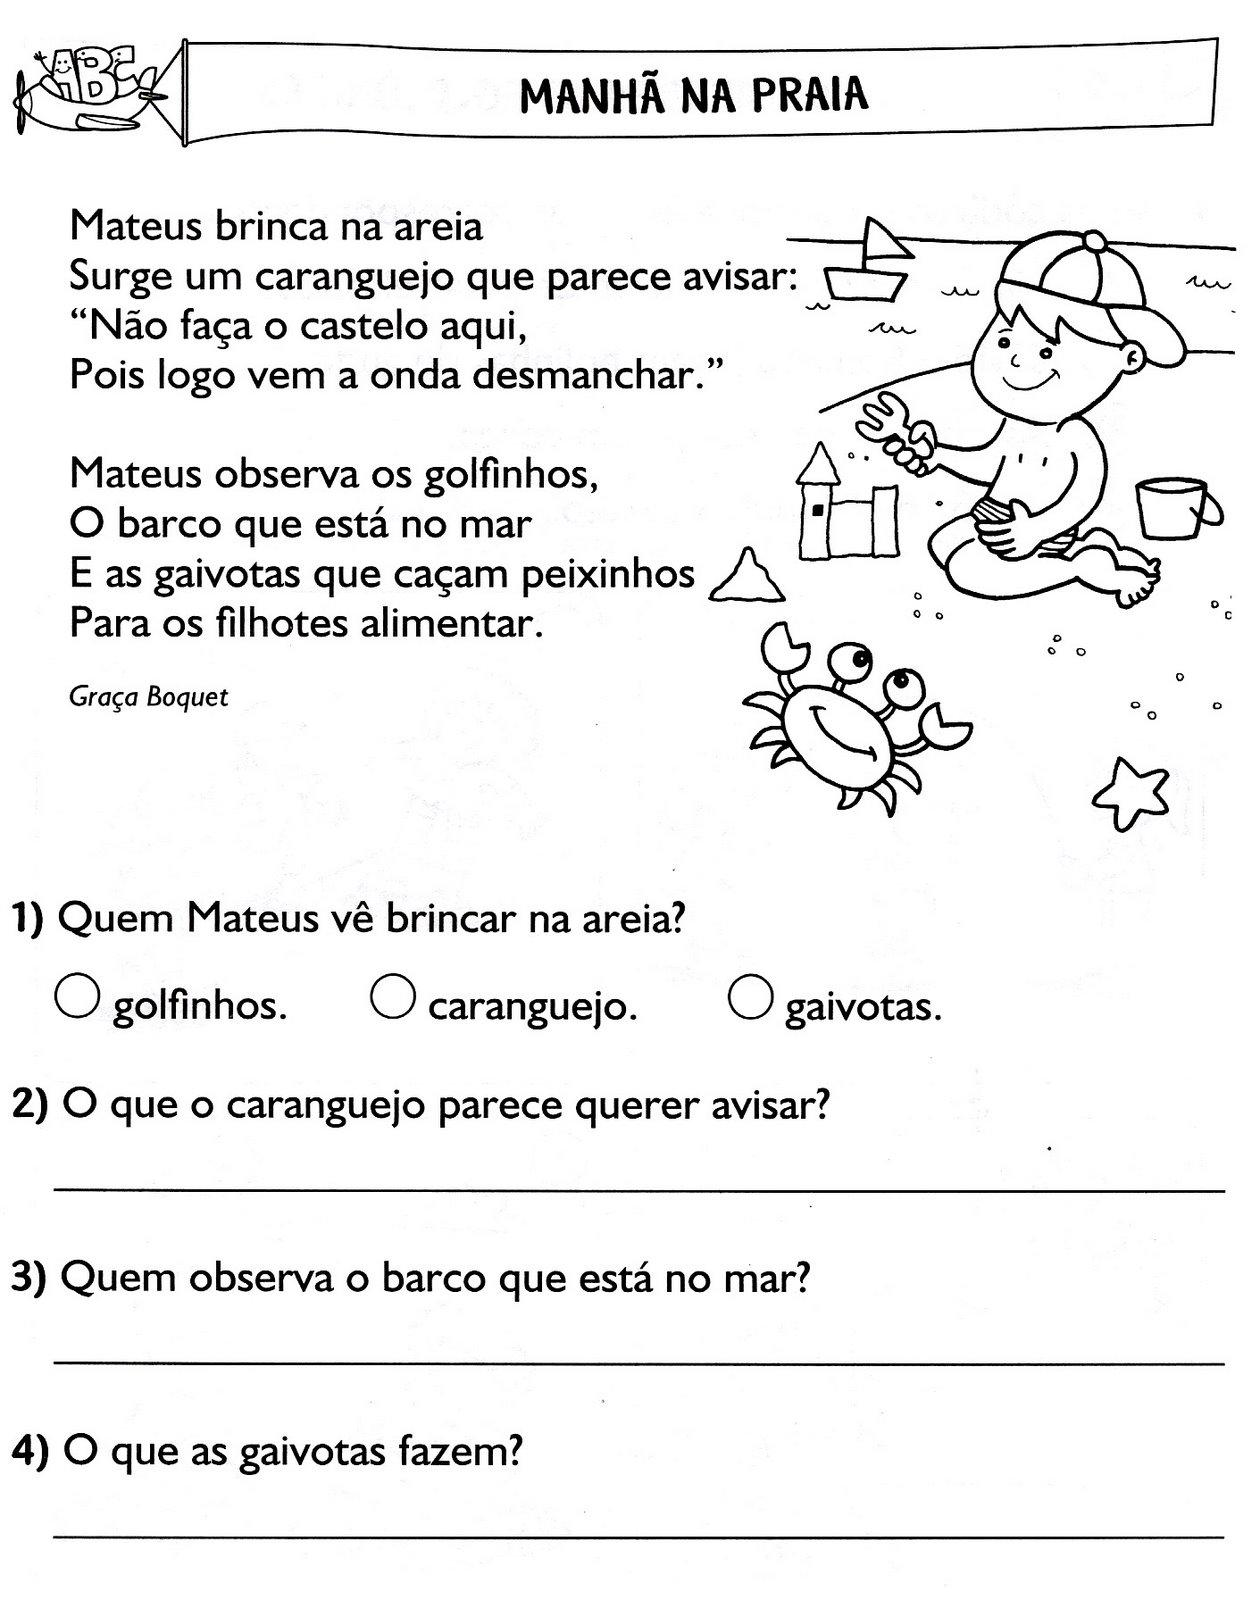 Muitas vezes Escola Saber: Interpretação de texto ensino fundamental OW72